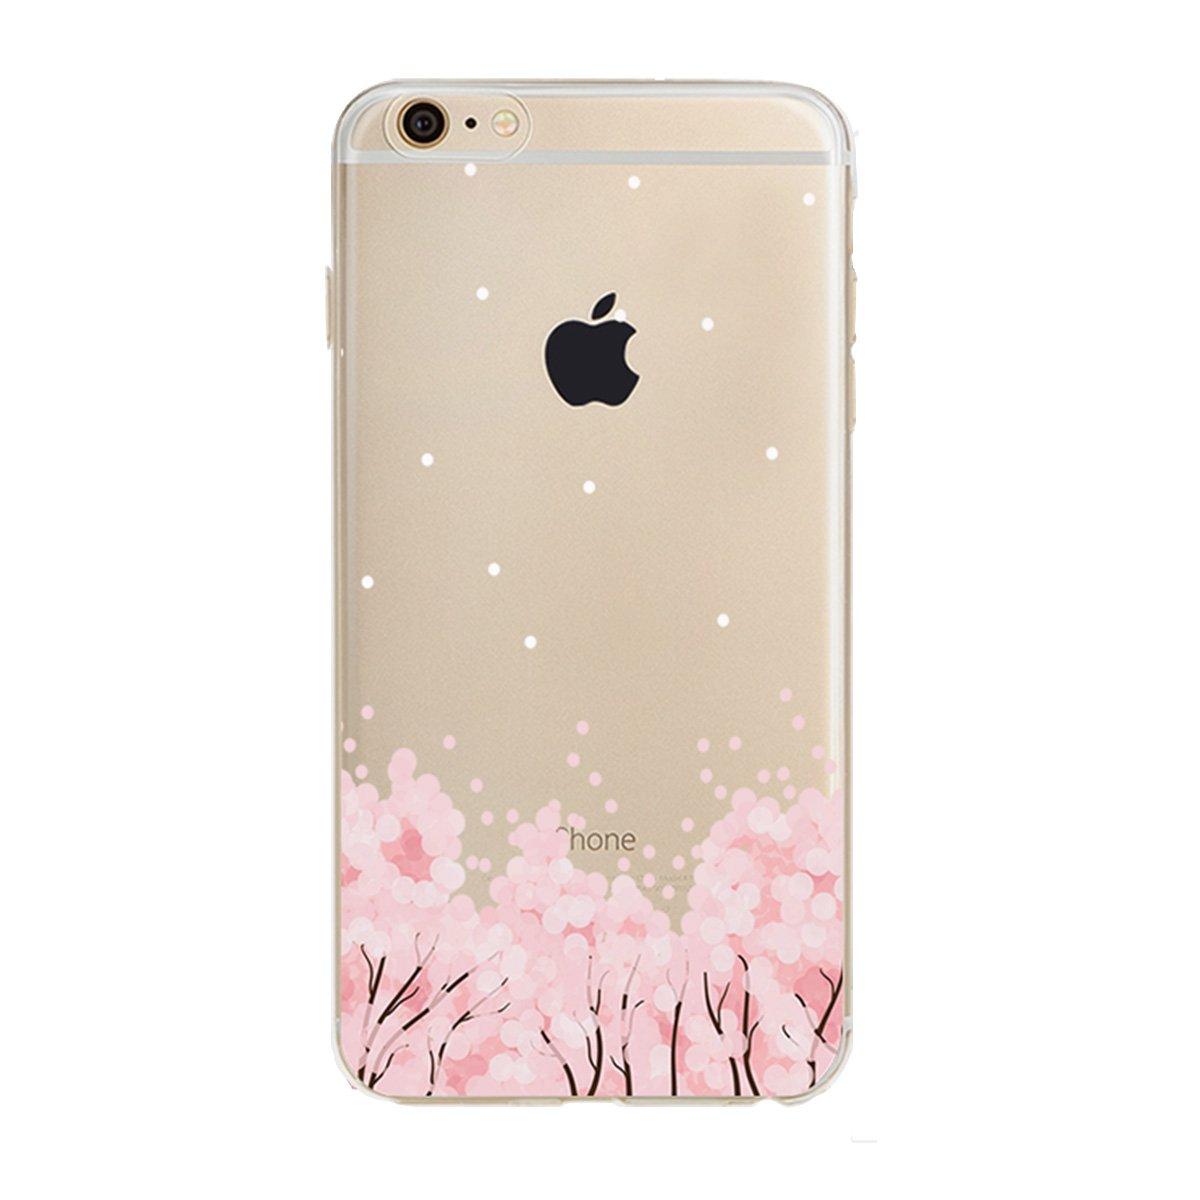 iPhone 6S Plus 用のケース iPhone 6 Plus 用のケースPHEZEN iPhone 6S Plus TPU ケース 豪華版きらきらダイヤモンド クリスタルのように透明 柔らかいTPUシリコーン製の裏カバー 5.5インチのiPhone 6/6S Plus用のドリームキャチャーの柄付き RT7886X(11#) B01LY14MQX Floral #11 Floral #11